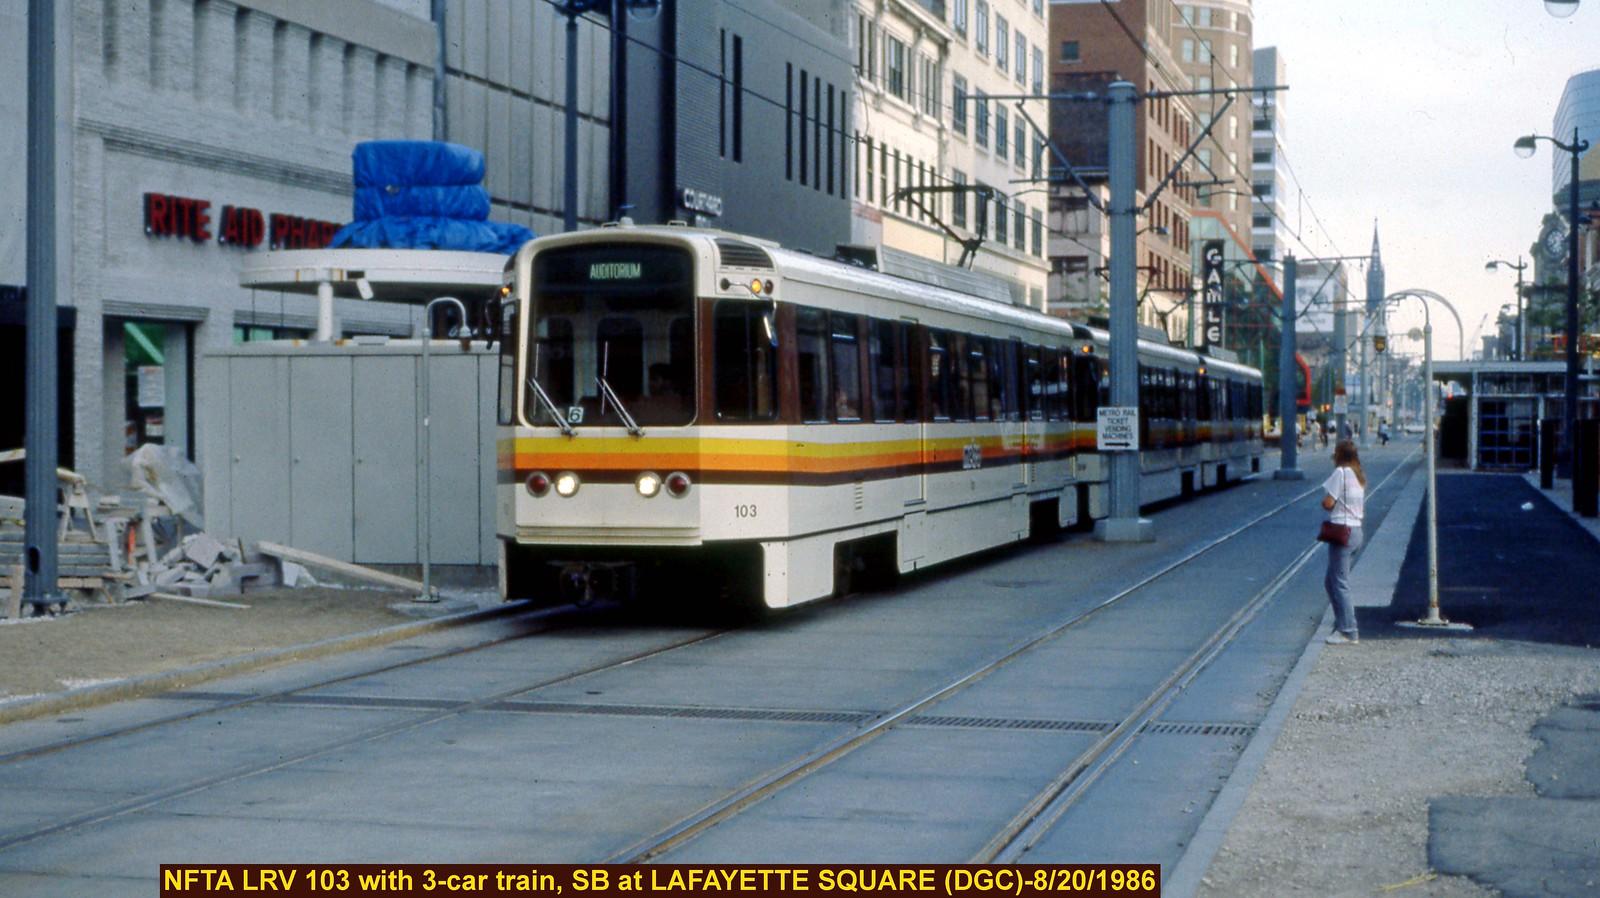 Nfta Buffalo Ny Light Rail Metro Flickr